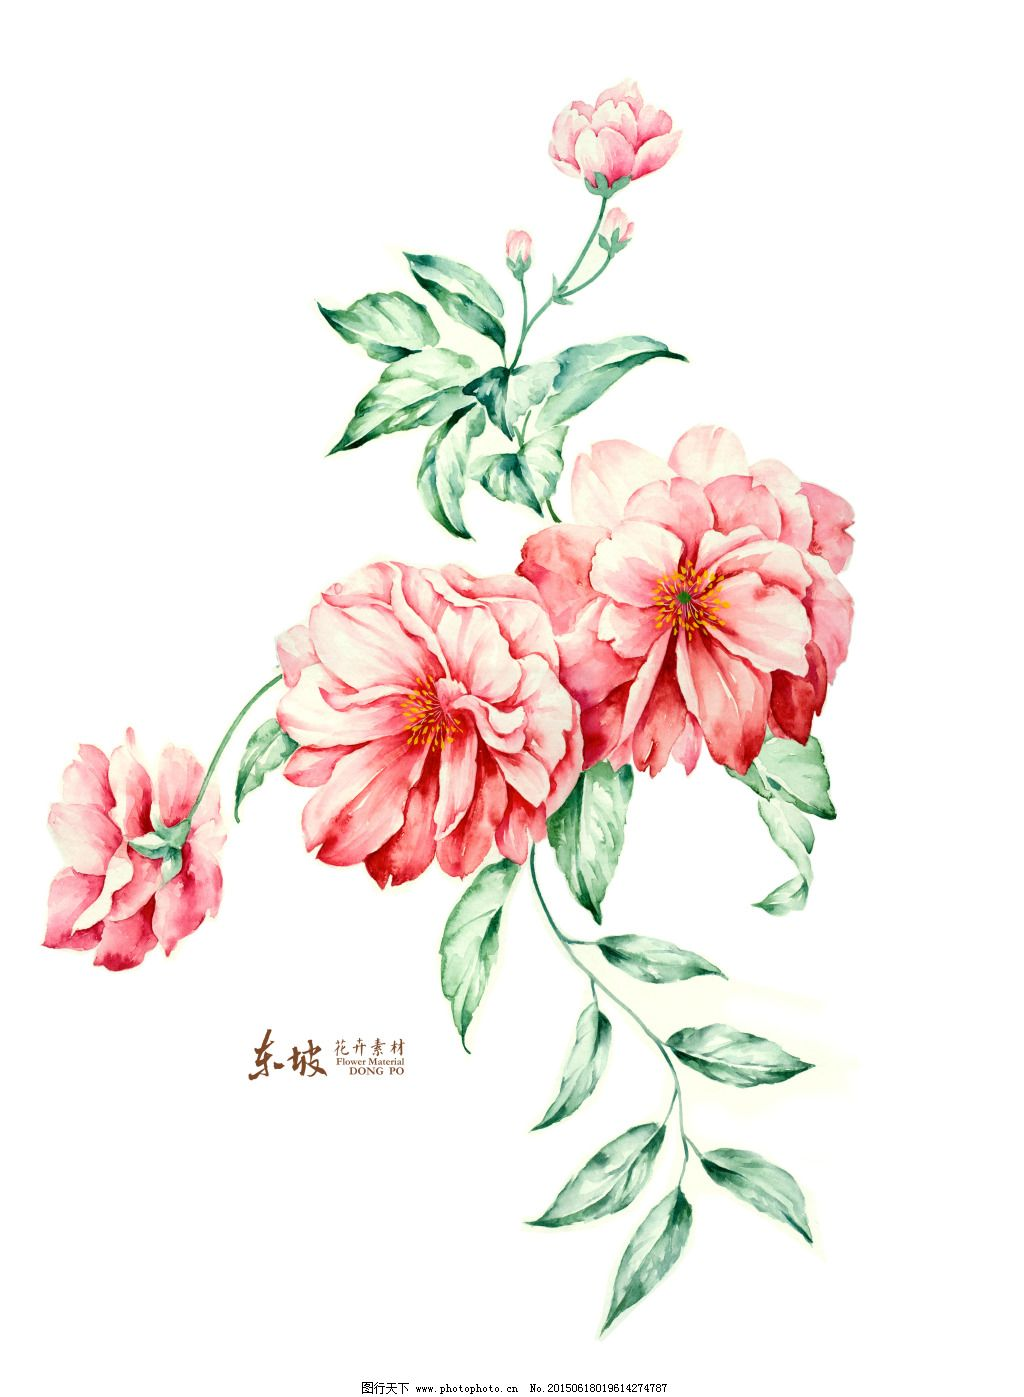 手绘花卉组合免费下载 花苞 叶子纹理 红花手绘花 叶子纹理 花苞 图片